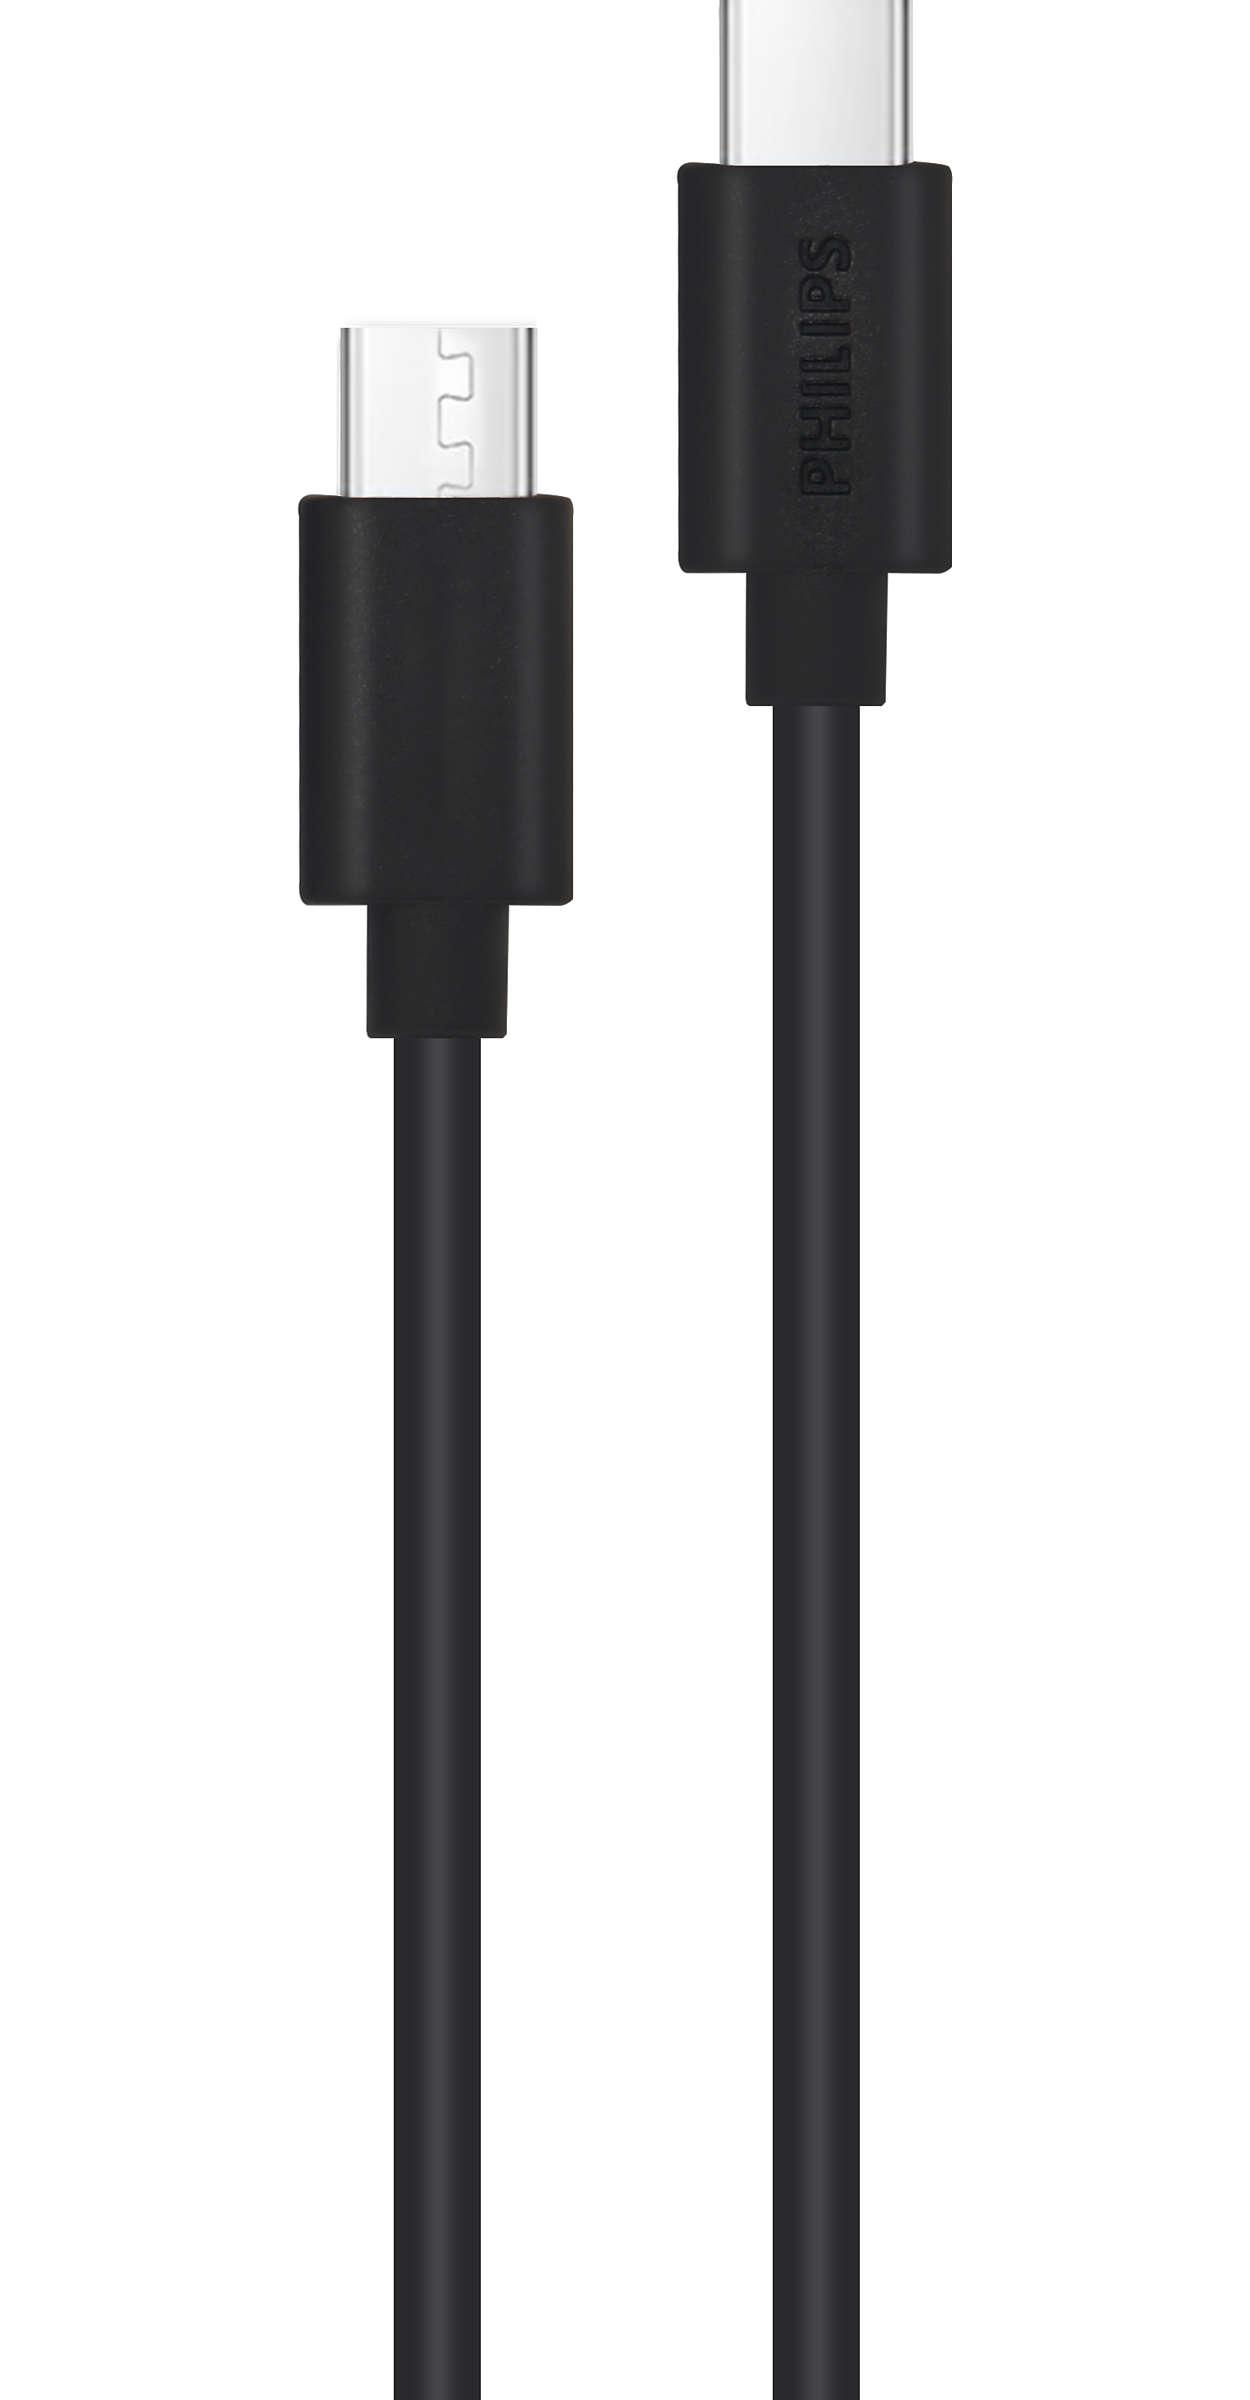 Cavo da USB-C a USB-C da 1,2 m